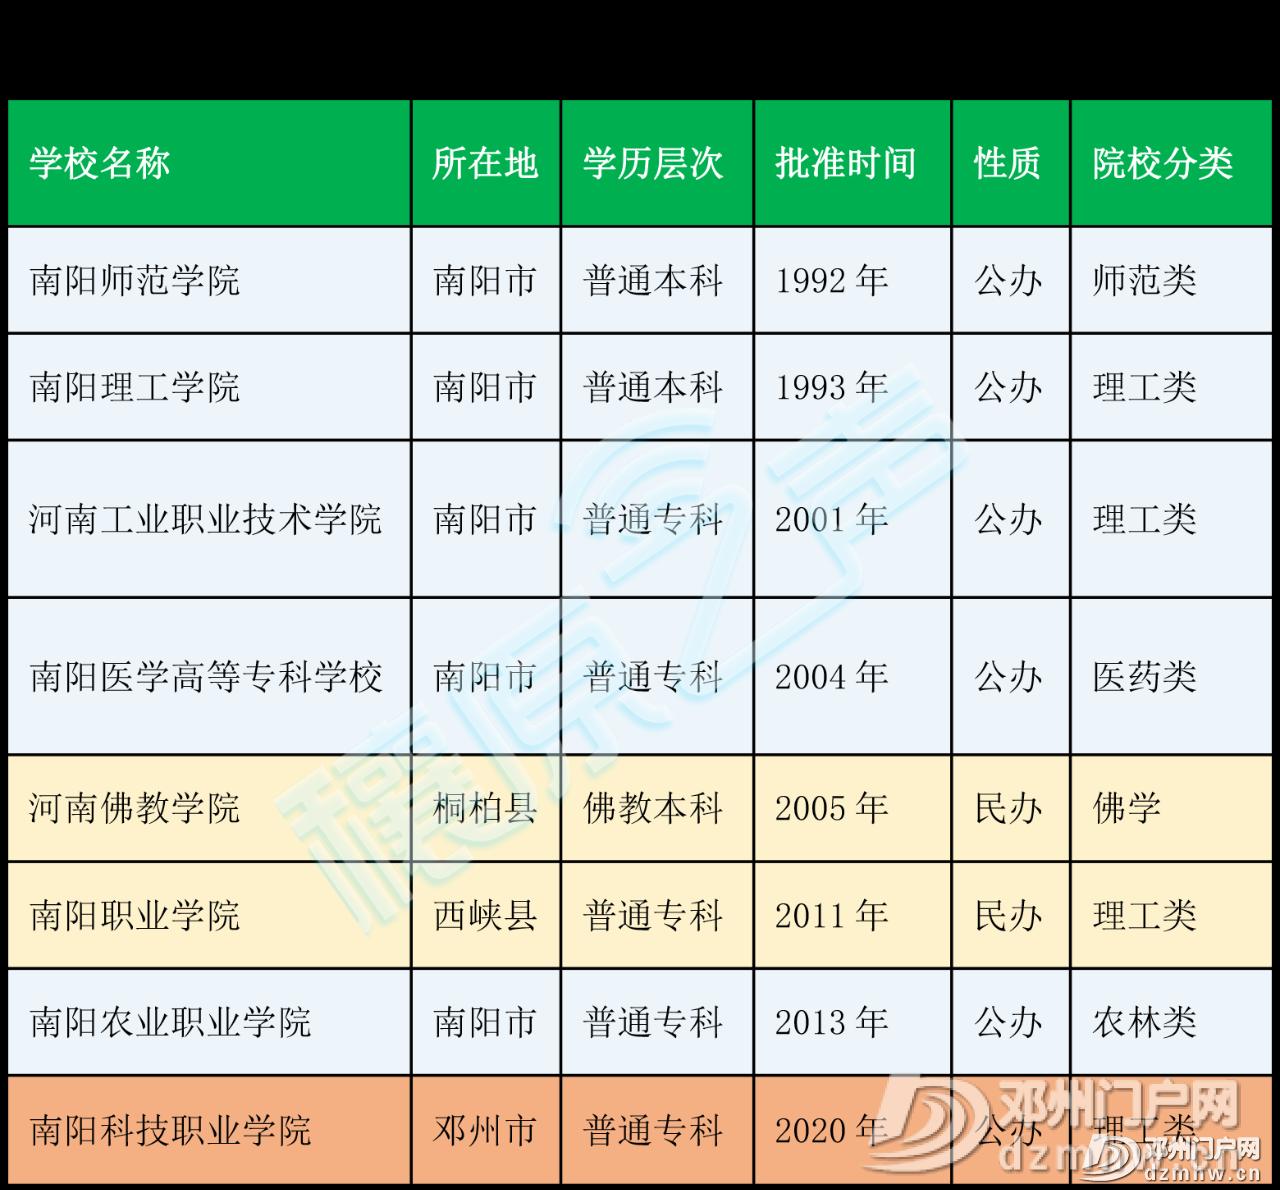 喜讯||邓州第一所大学通过教育部备案审批,终圆大学梦 - 邓州门户网|邓州网 - 0f02de6a87e481d1be835ce209922f87.png